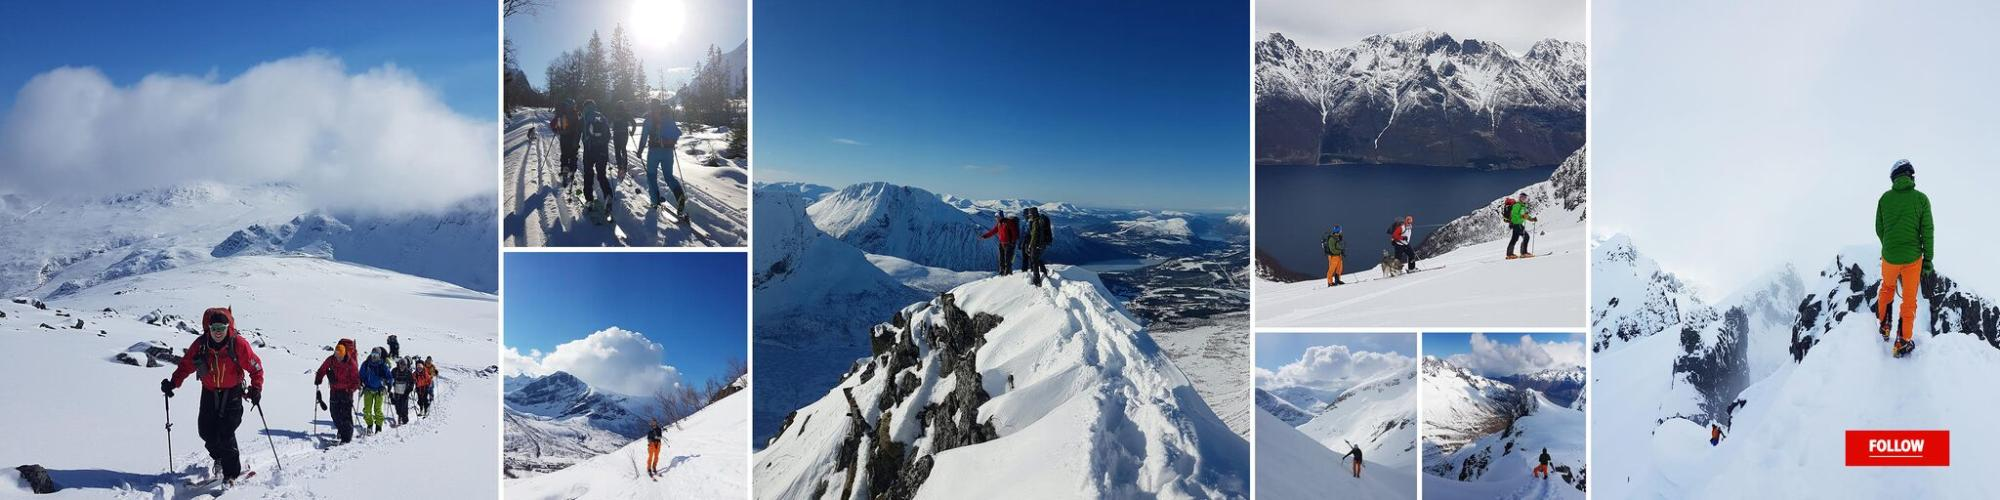 Ski toruing collage